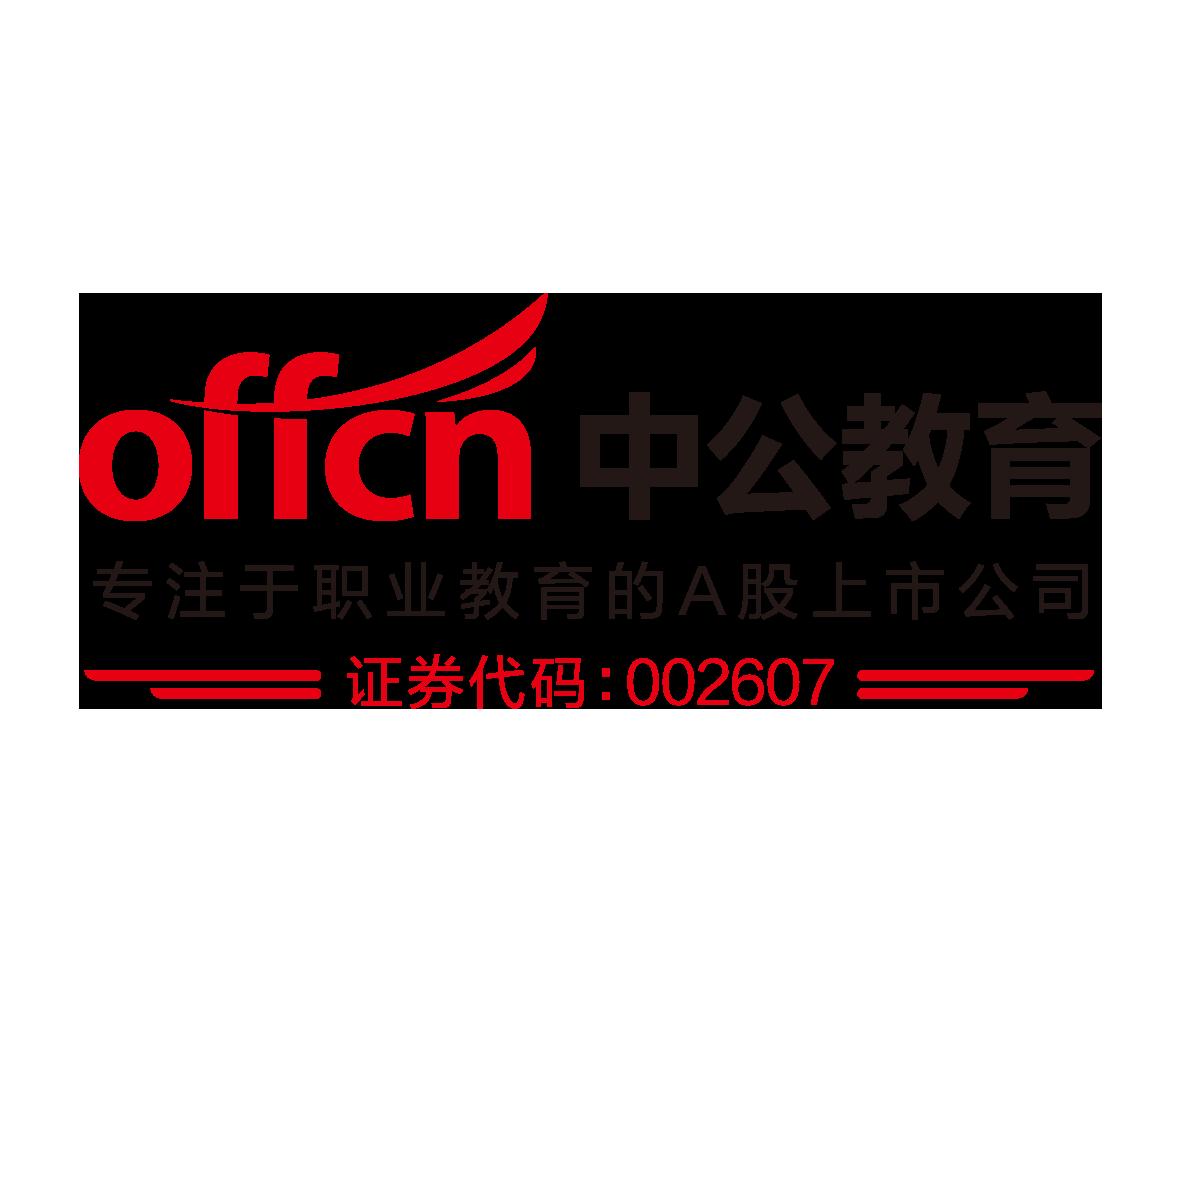 南宁中公未来教育咨询有限公司梧州分公司